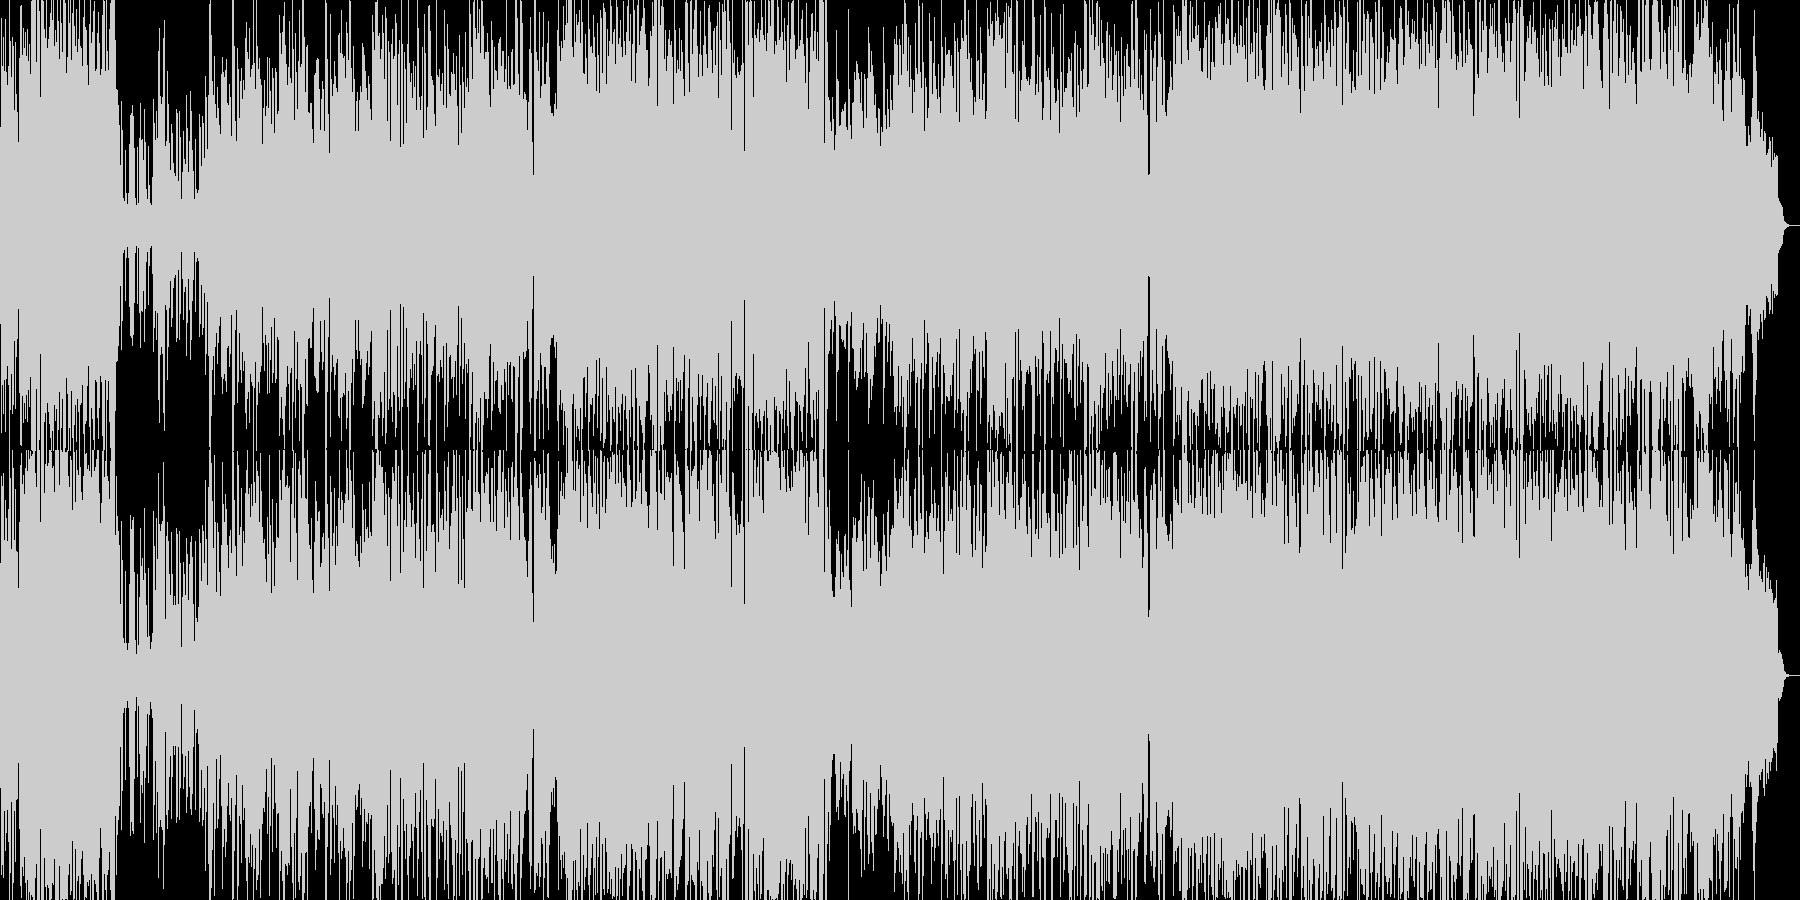 ポップでキャッチーな歌のも元気ピアノ繊細の未再生の波形